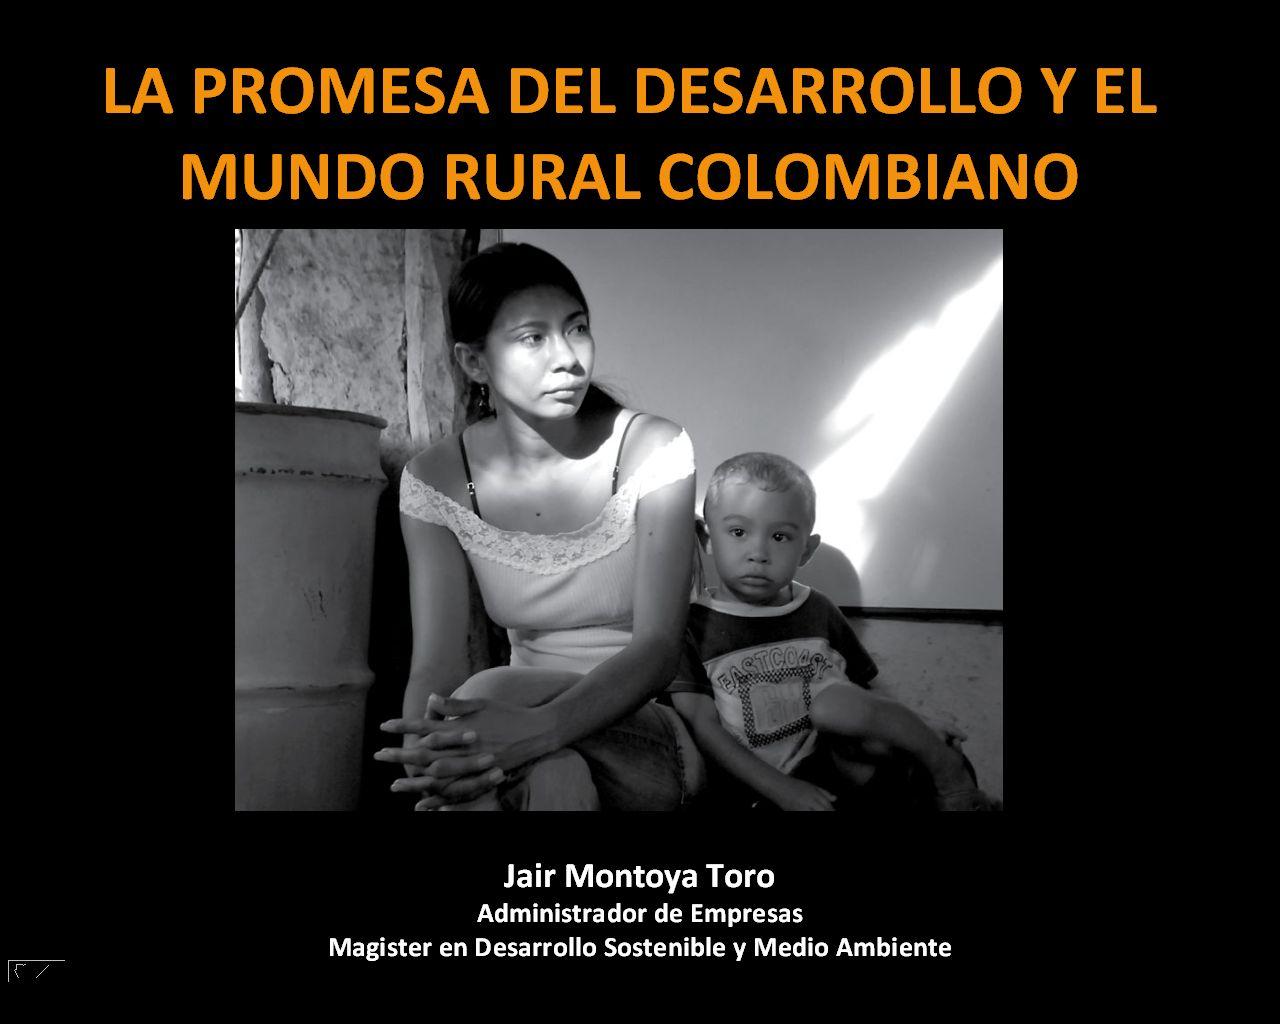 La promesa del desarrollo y el mundo rural colombiano